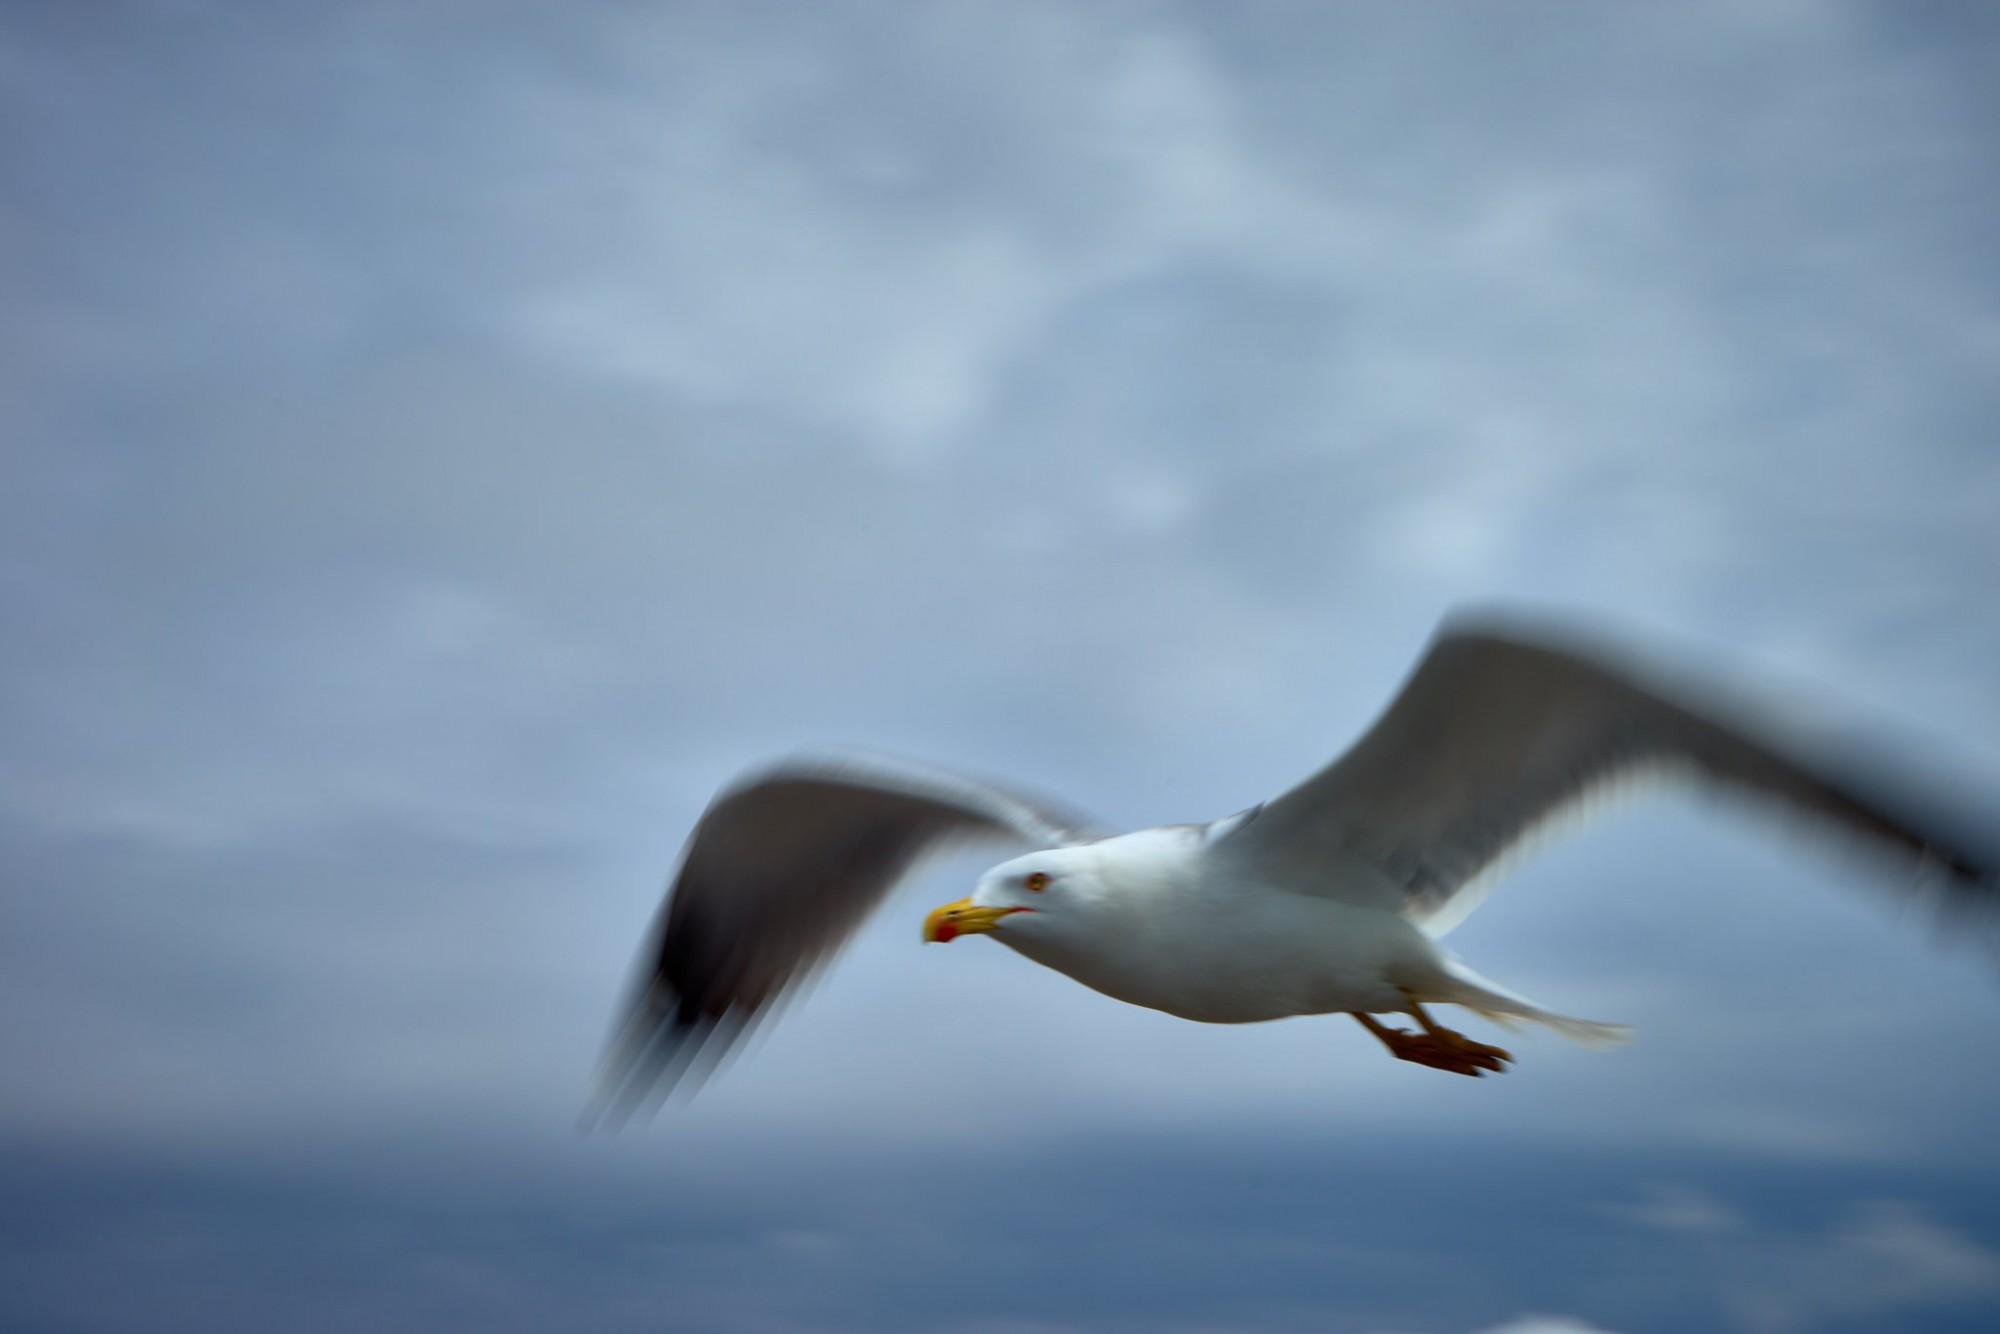 Afbeelding: Alles over fotografie… en over de kunst van vliegen, foto Van Huffel Hoogstraten.